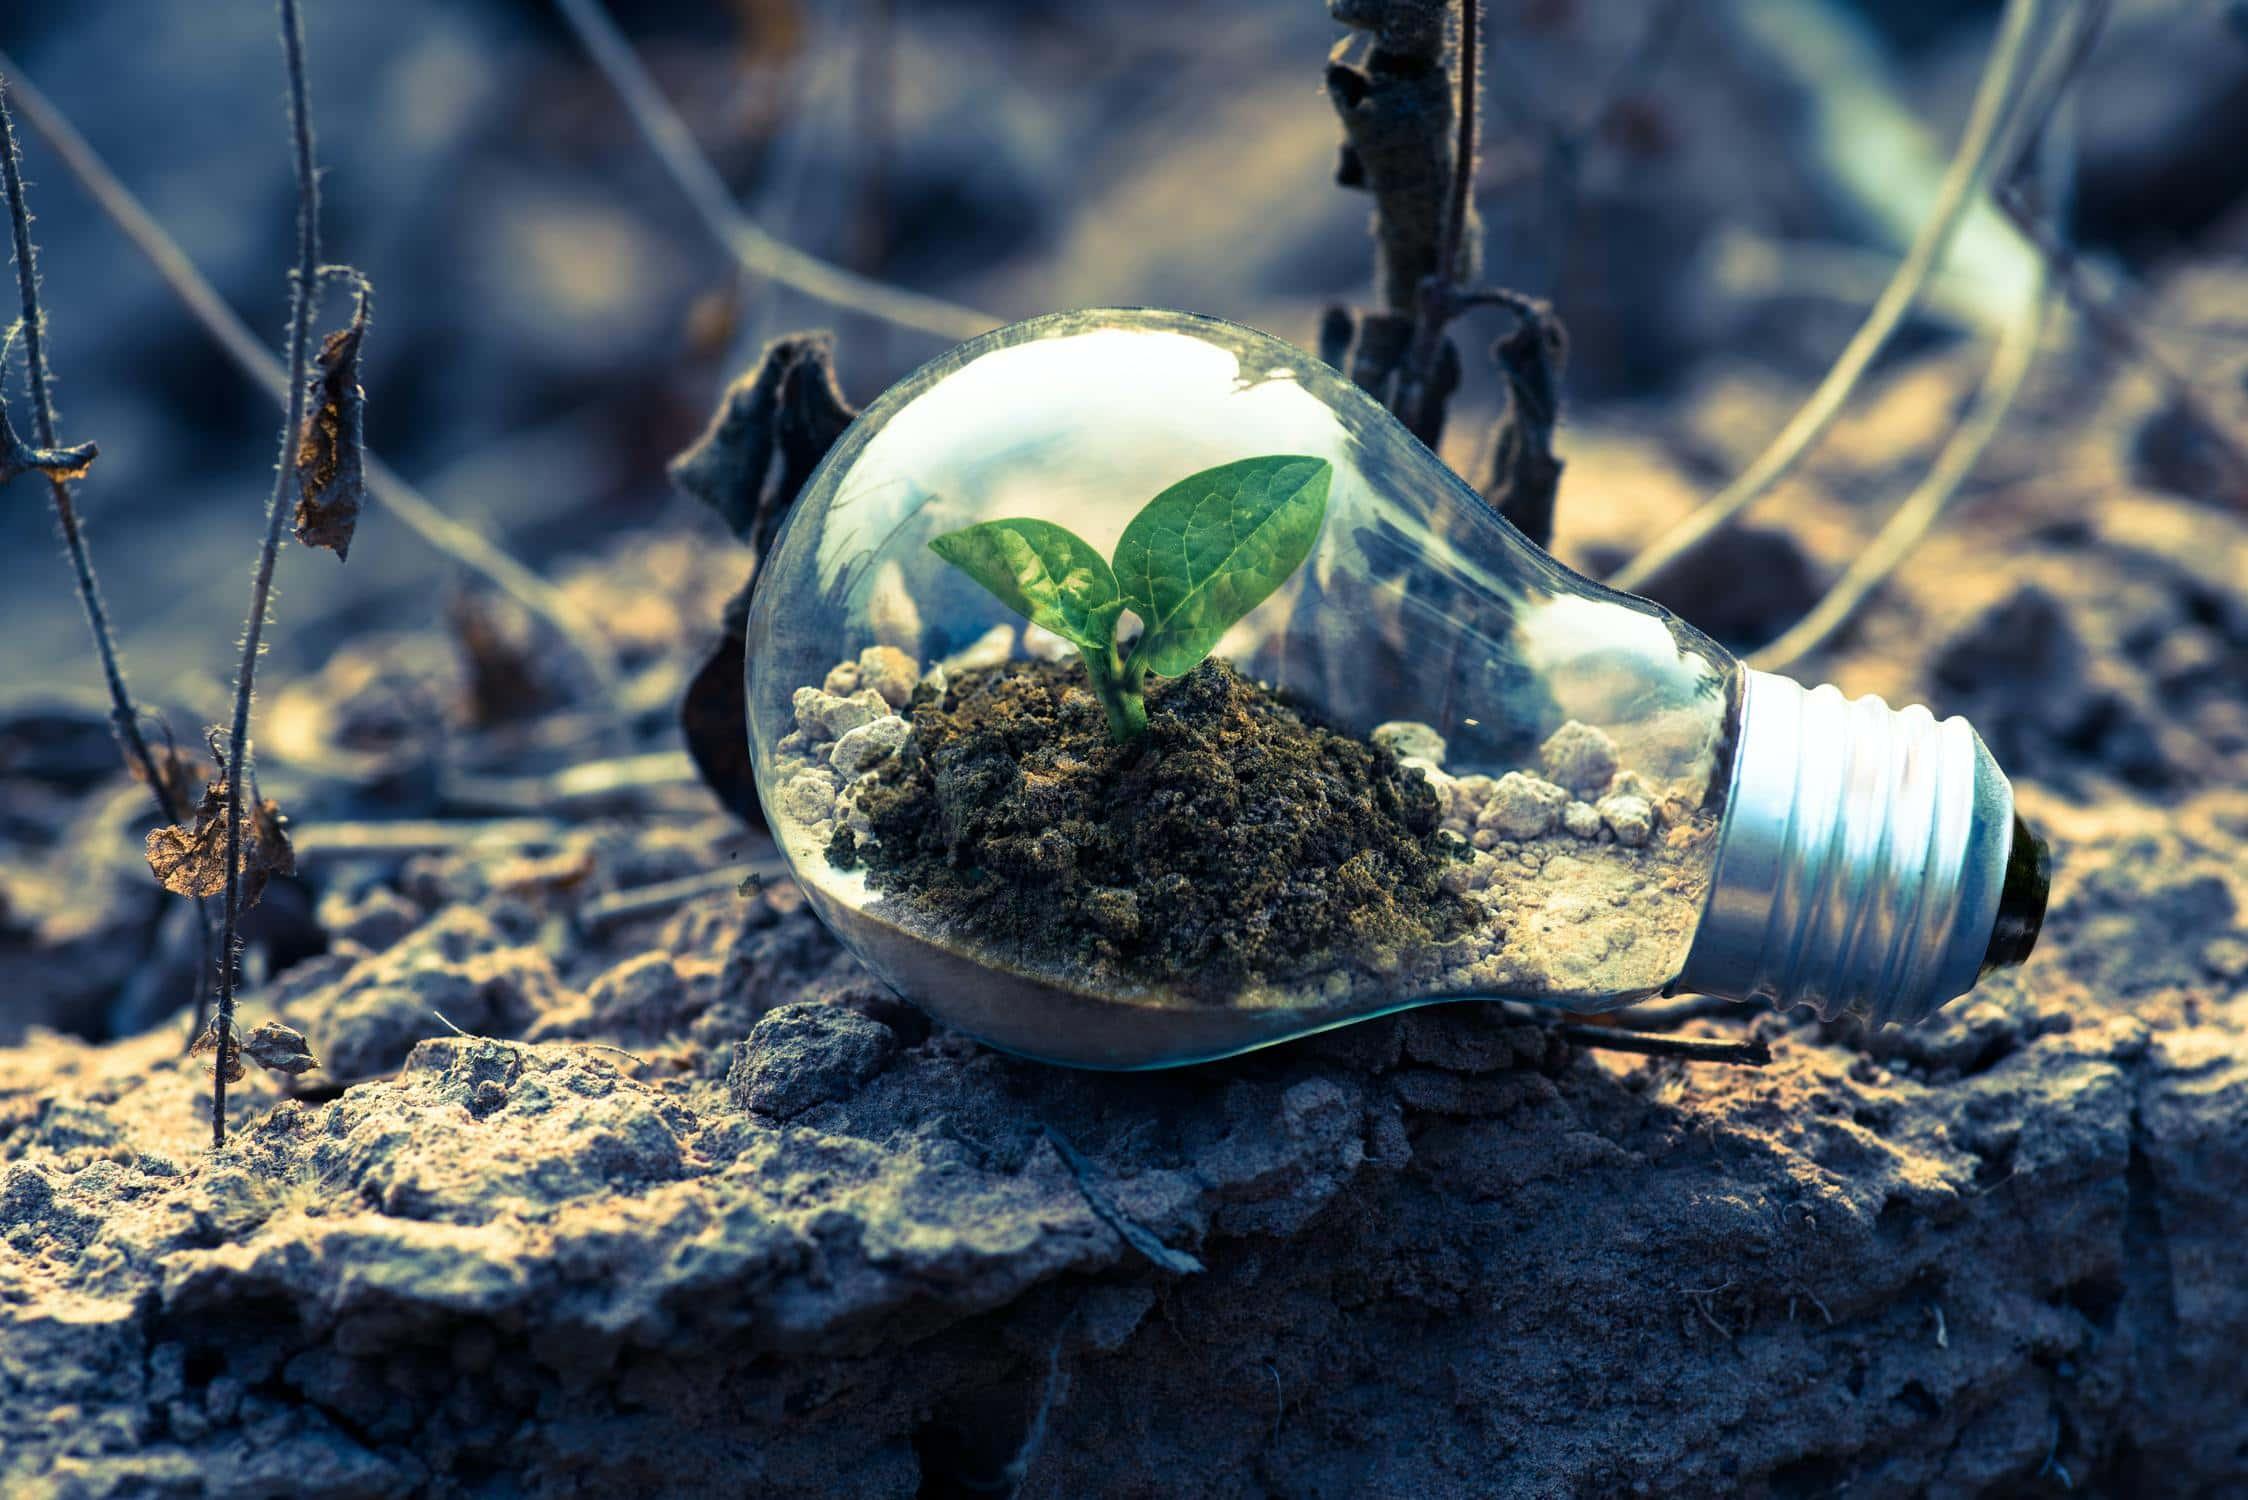 In Glühbirne wachsende Pflanze